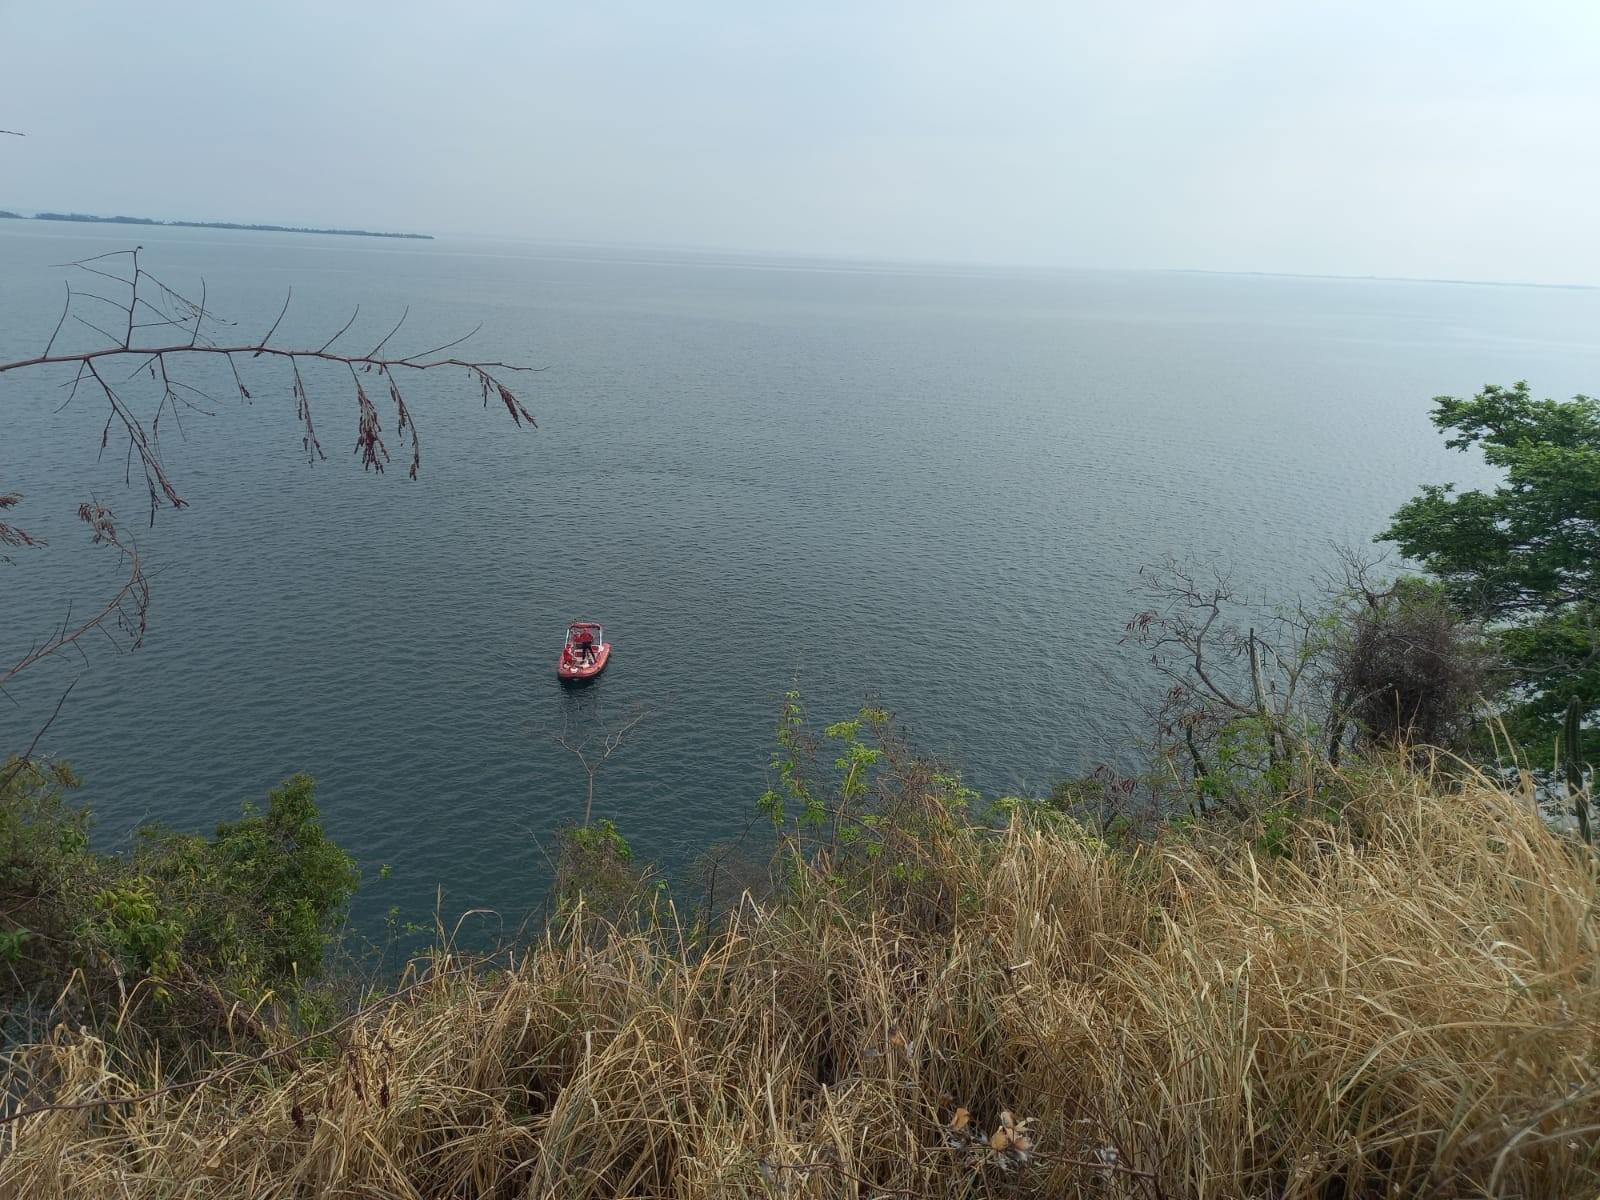 Mergulhadores buscam no Rio Paraná cabeça de homem esquartejado, mas operação termina sem sucesso